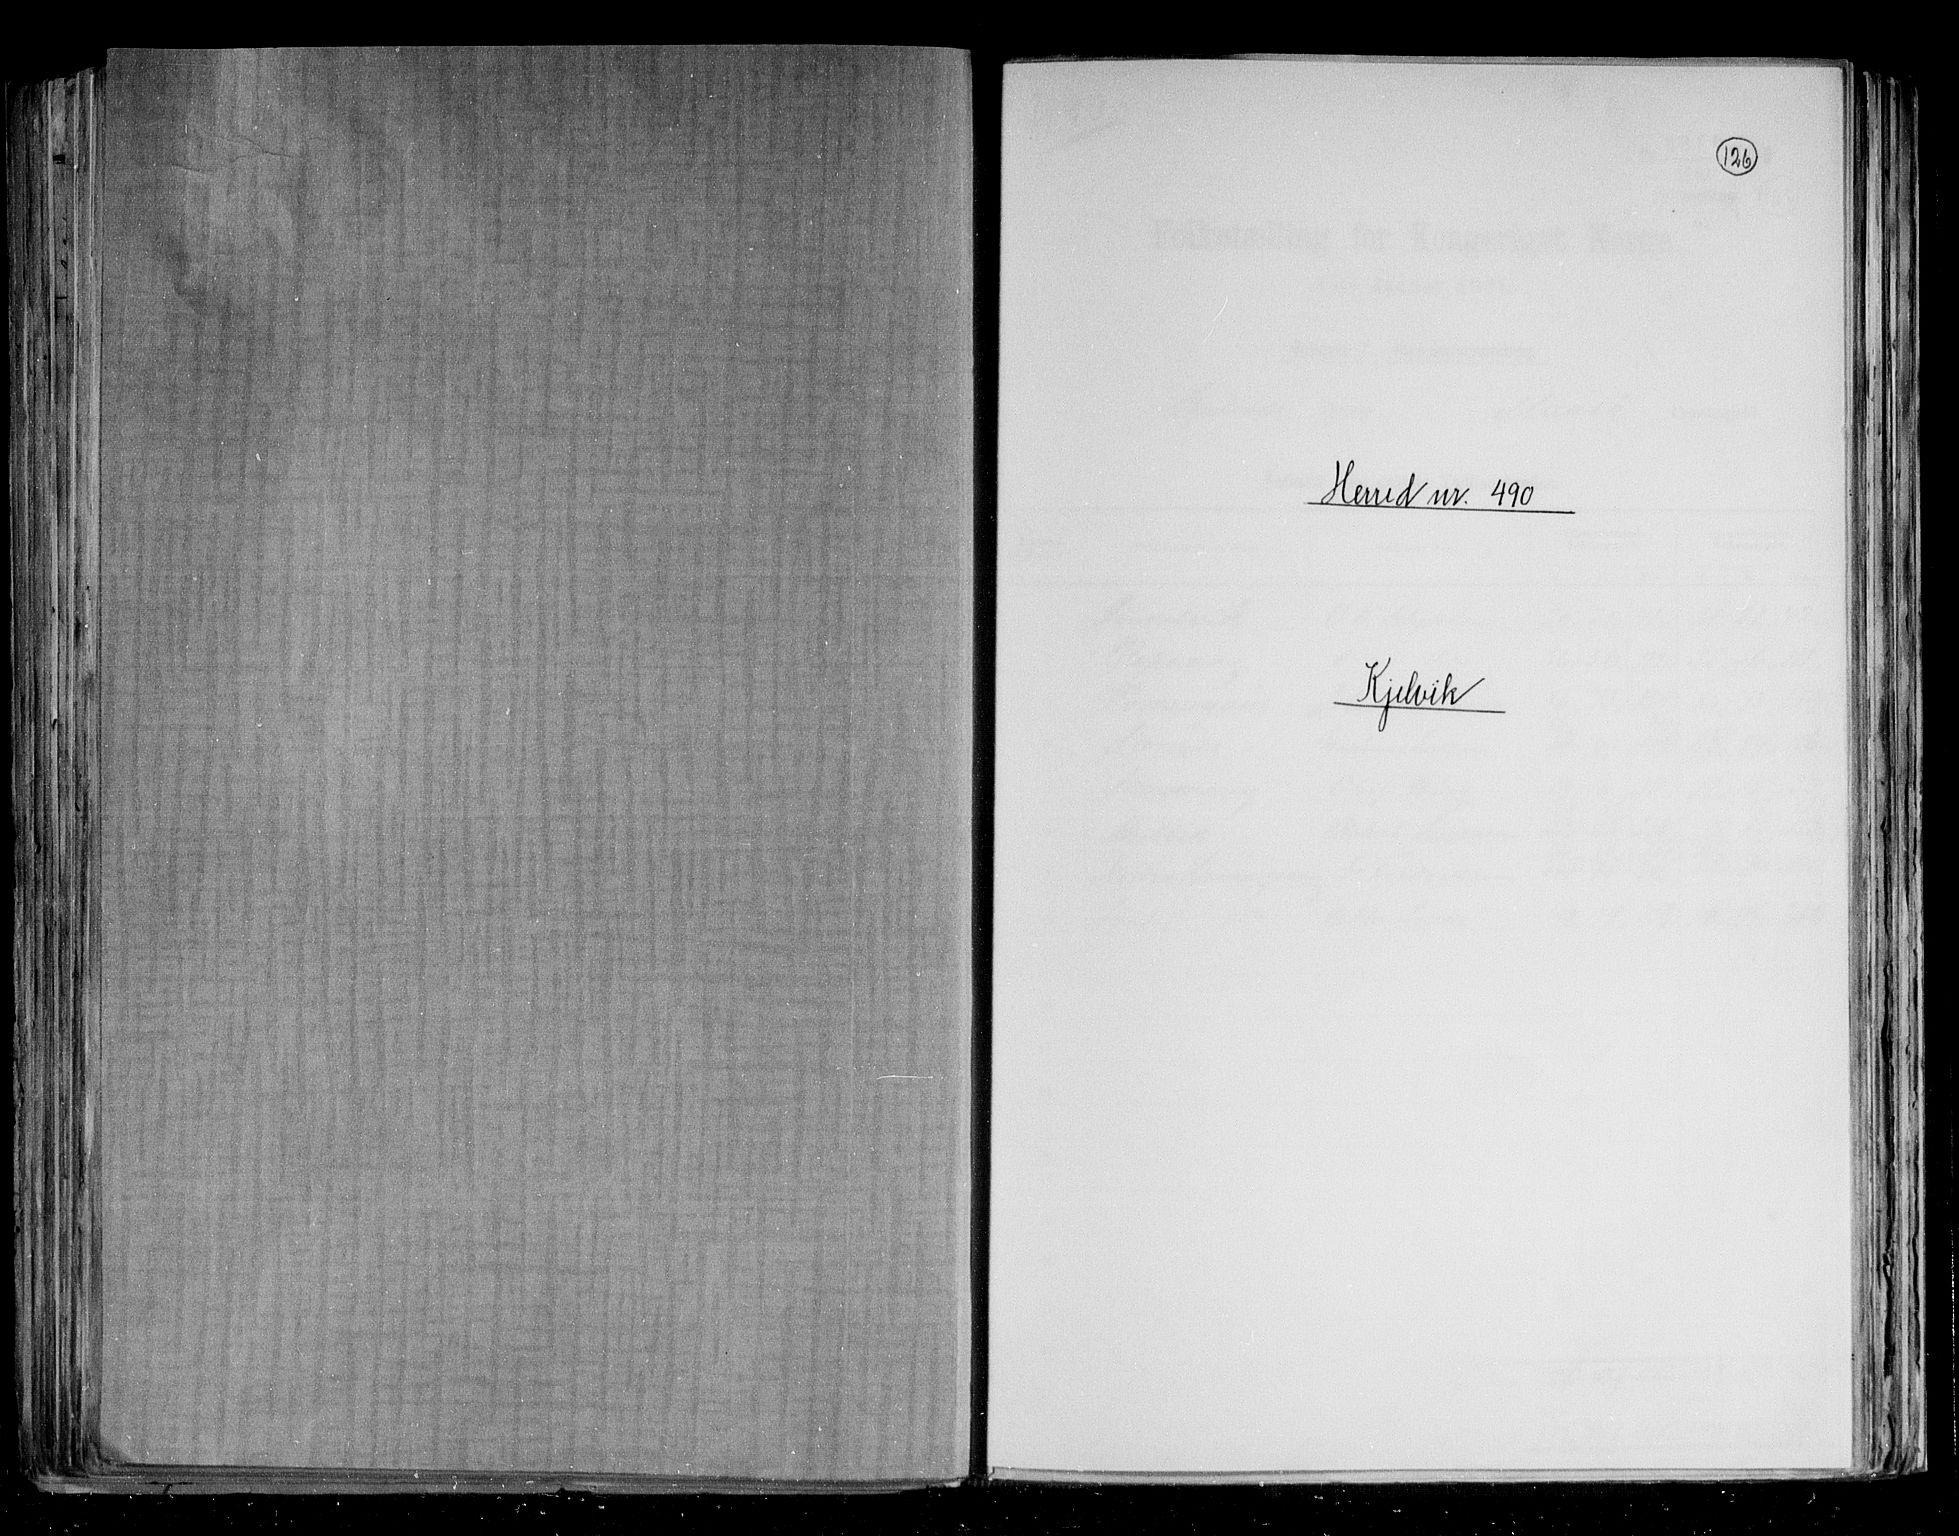 RA, Folketelling 1891 for 2019 Kjelvik herred, 1891, s. 1